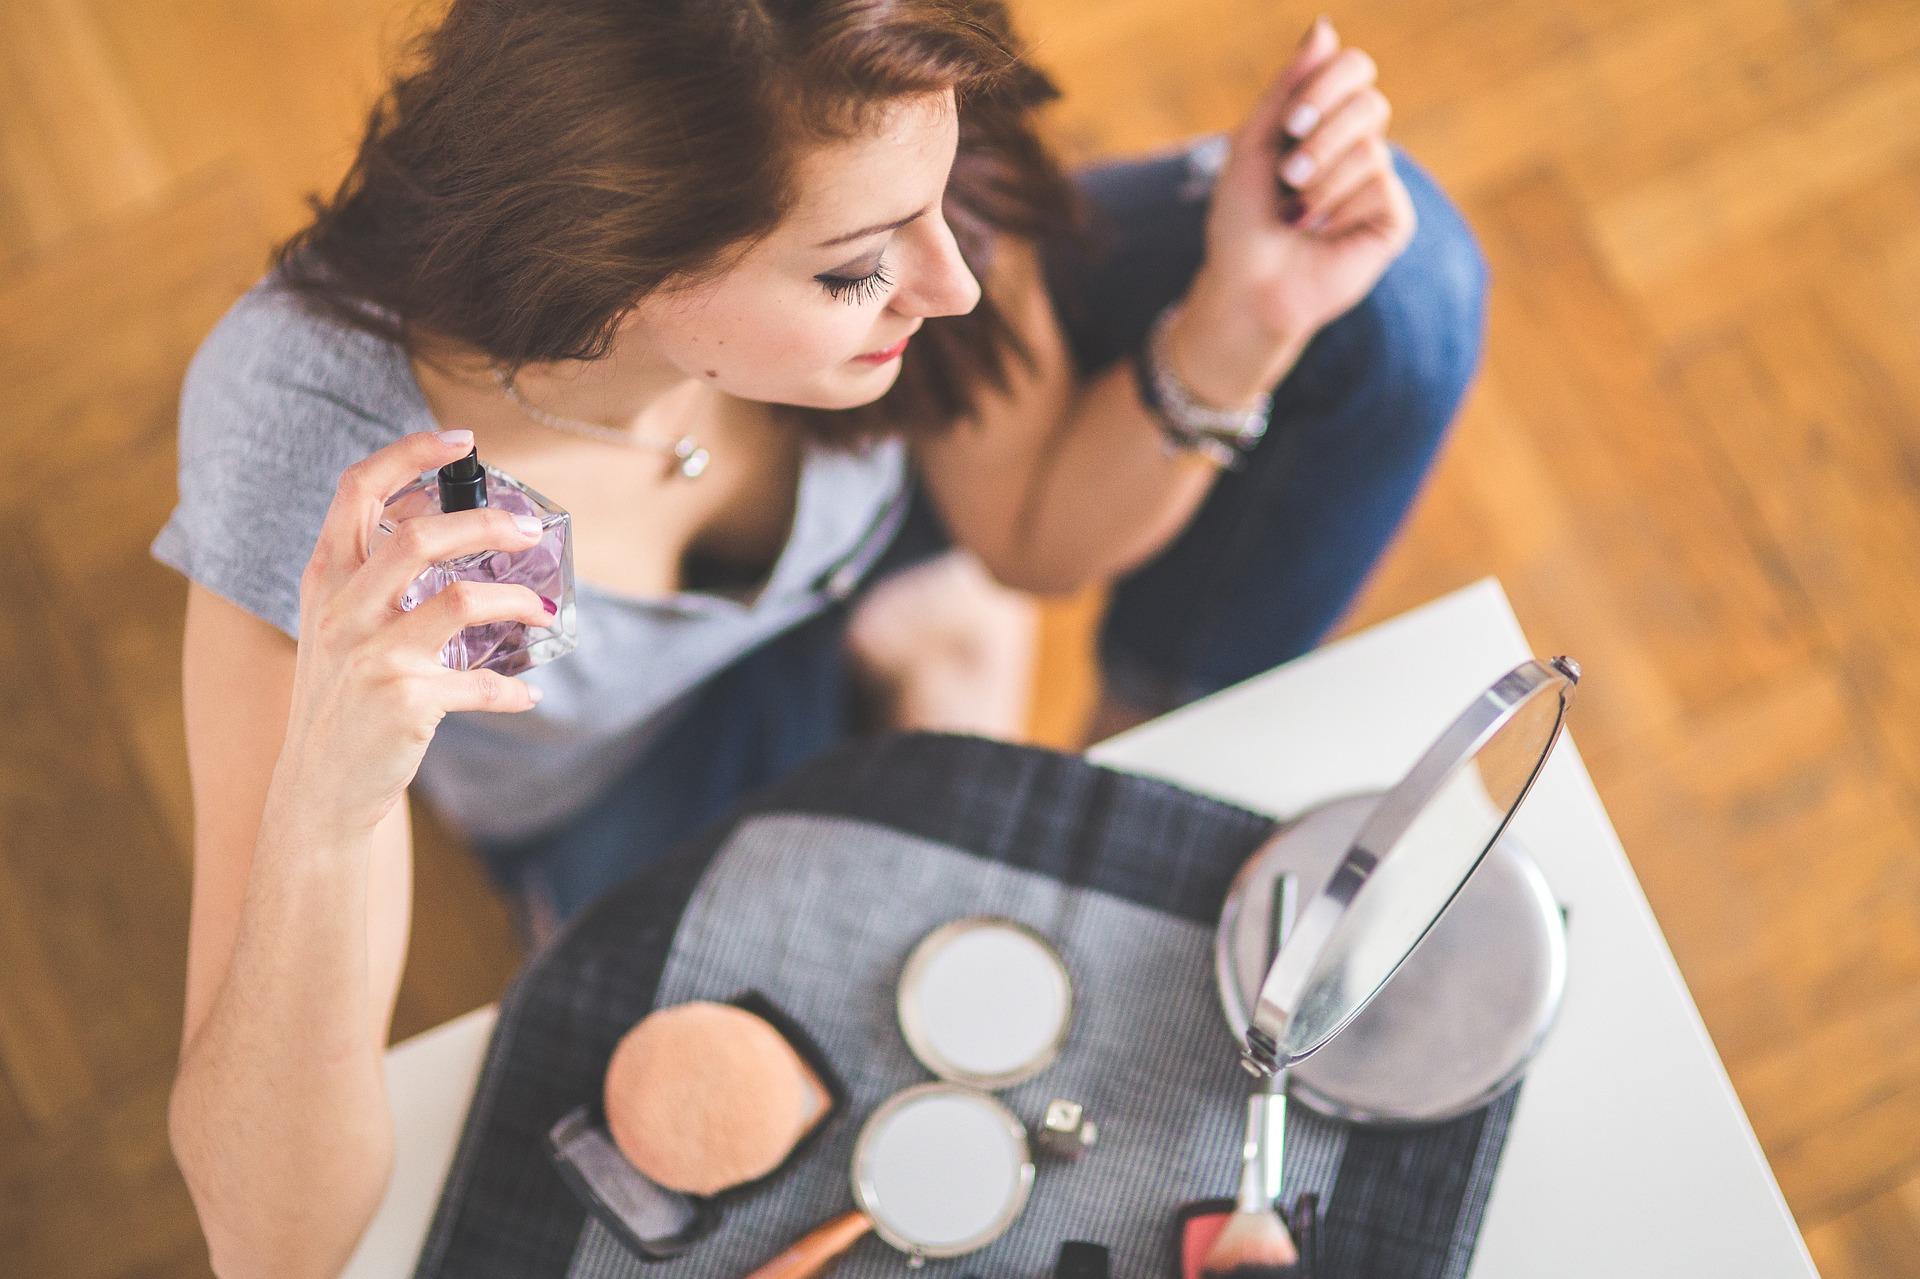 Аромати для дівчат: огляд 10 найпопулярніших парфумів